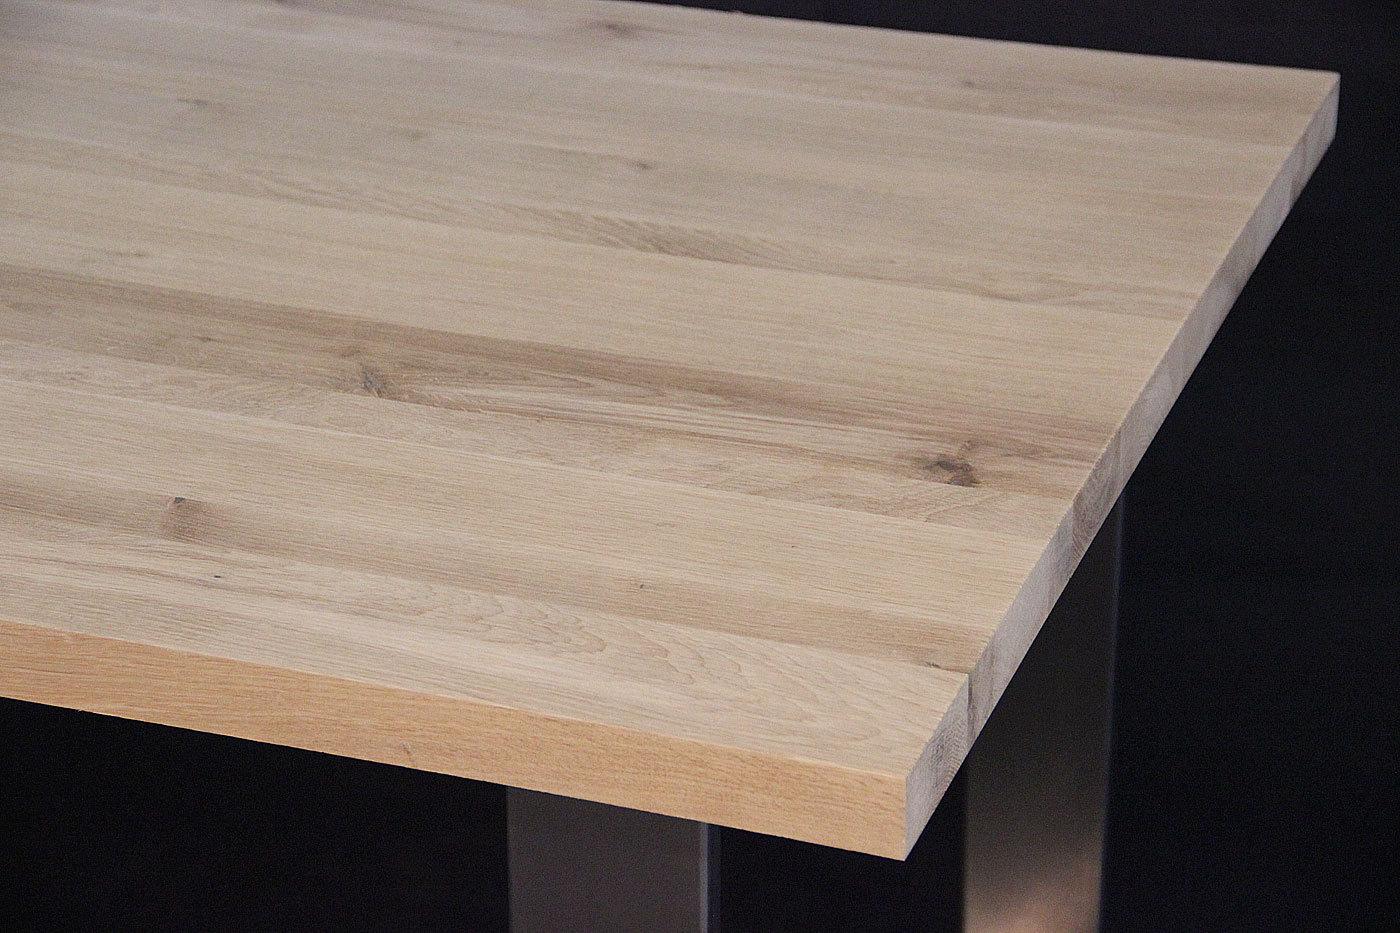 tischplatte massivholz wildeiche asteiche dl 40 x diverse l ngen x 1210 mm. Black Bedroom Furniture Sets. Home Design Ideas